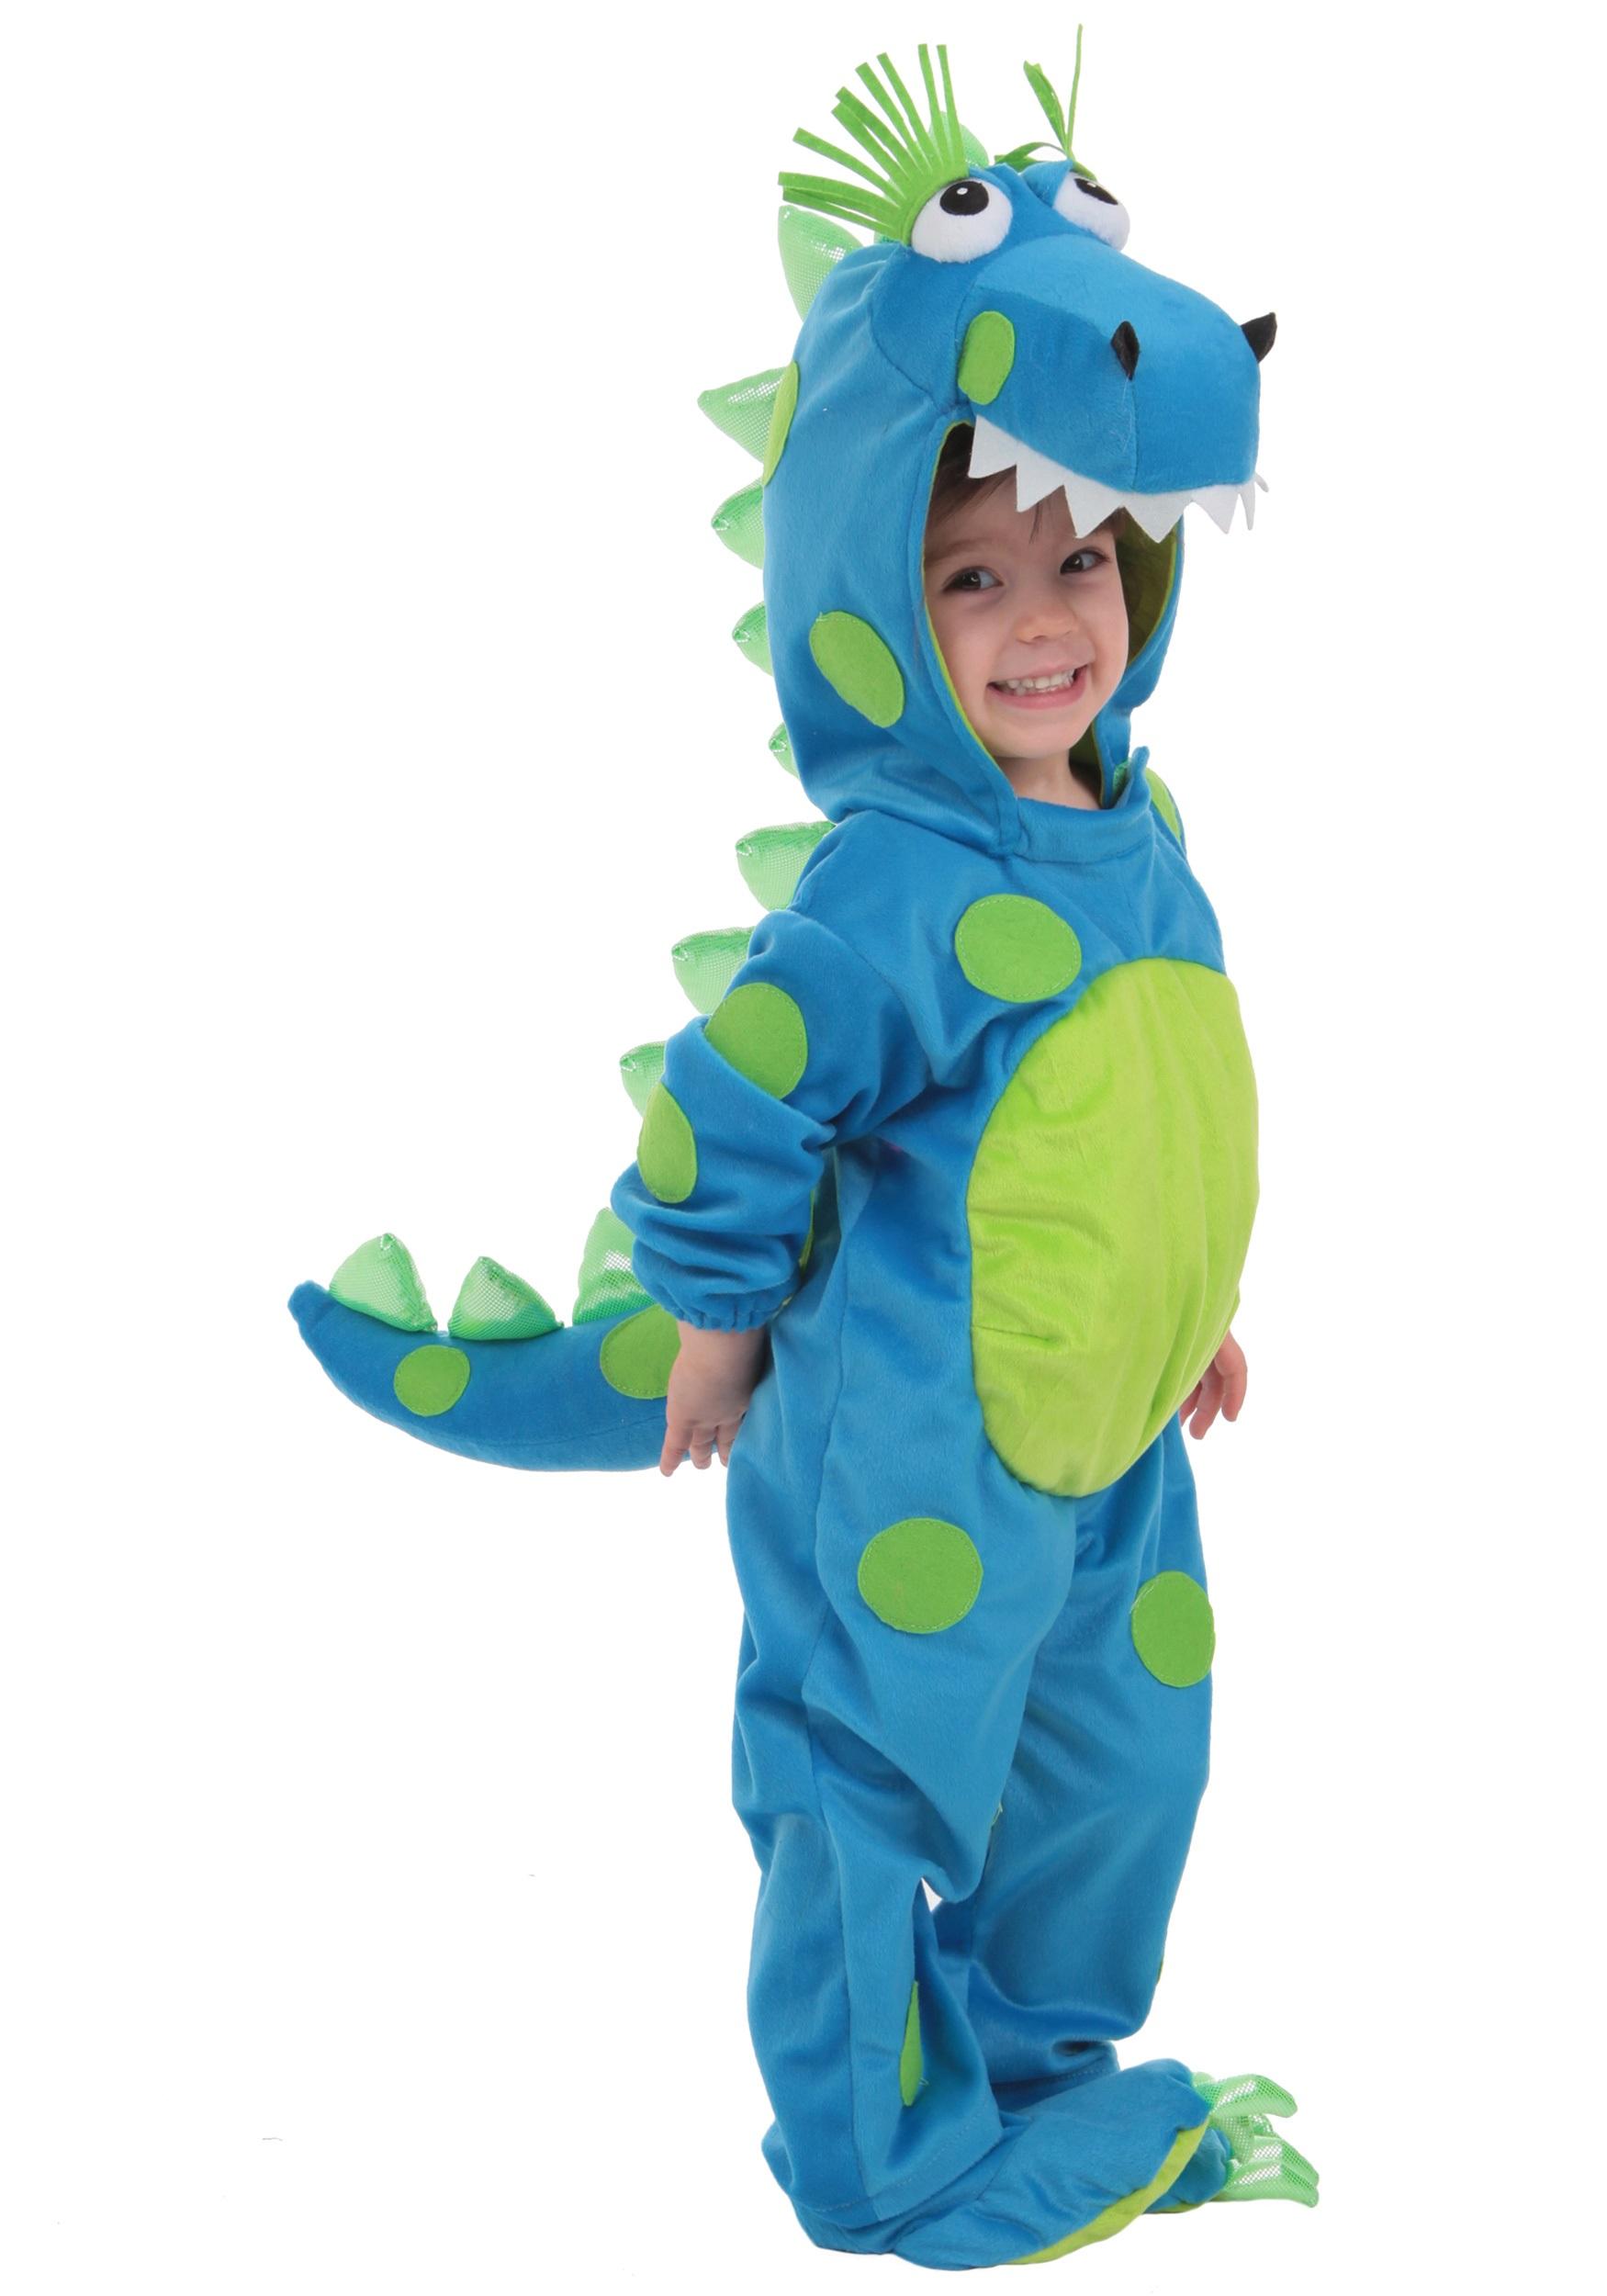 toddler everett the dragon costume